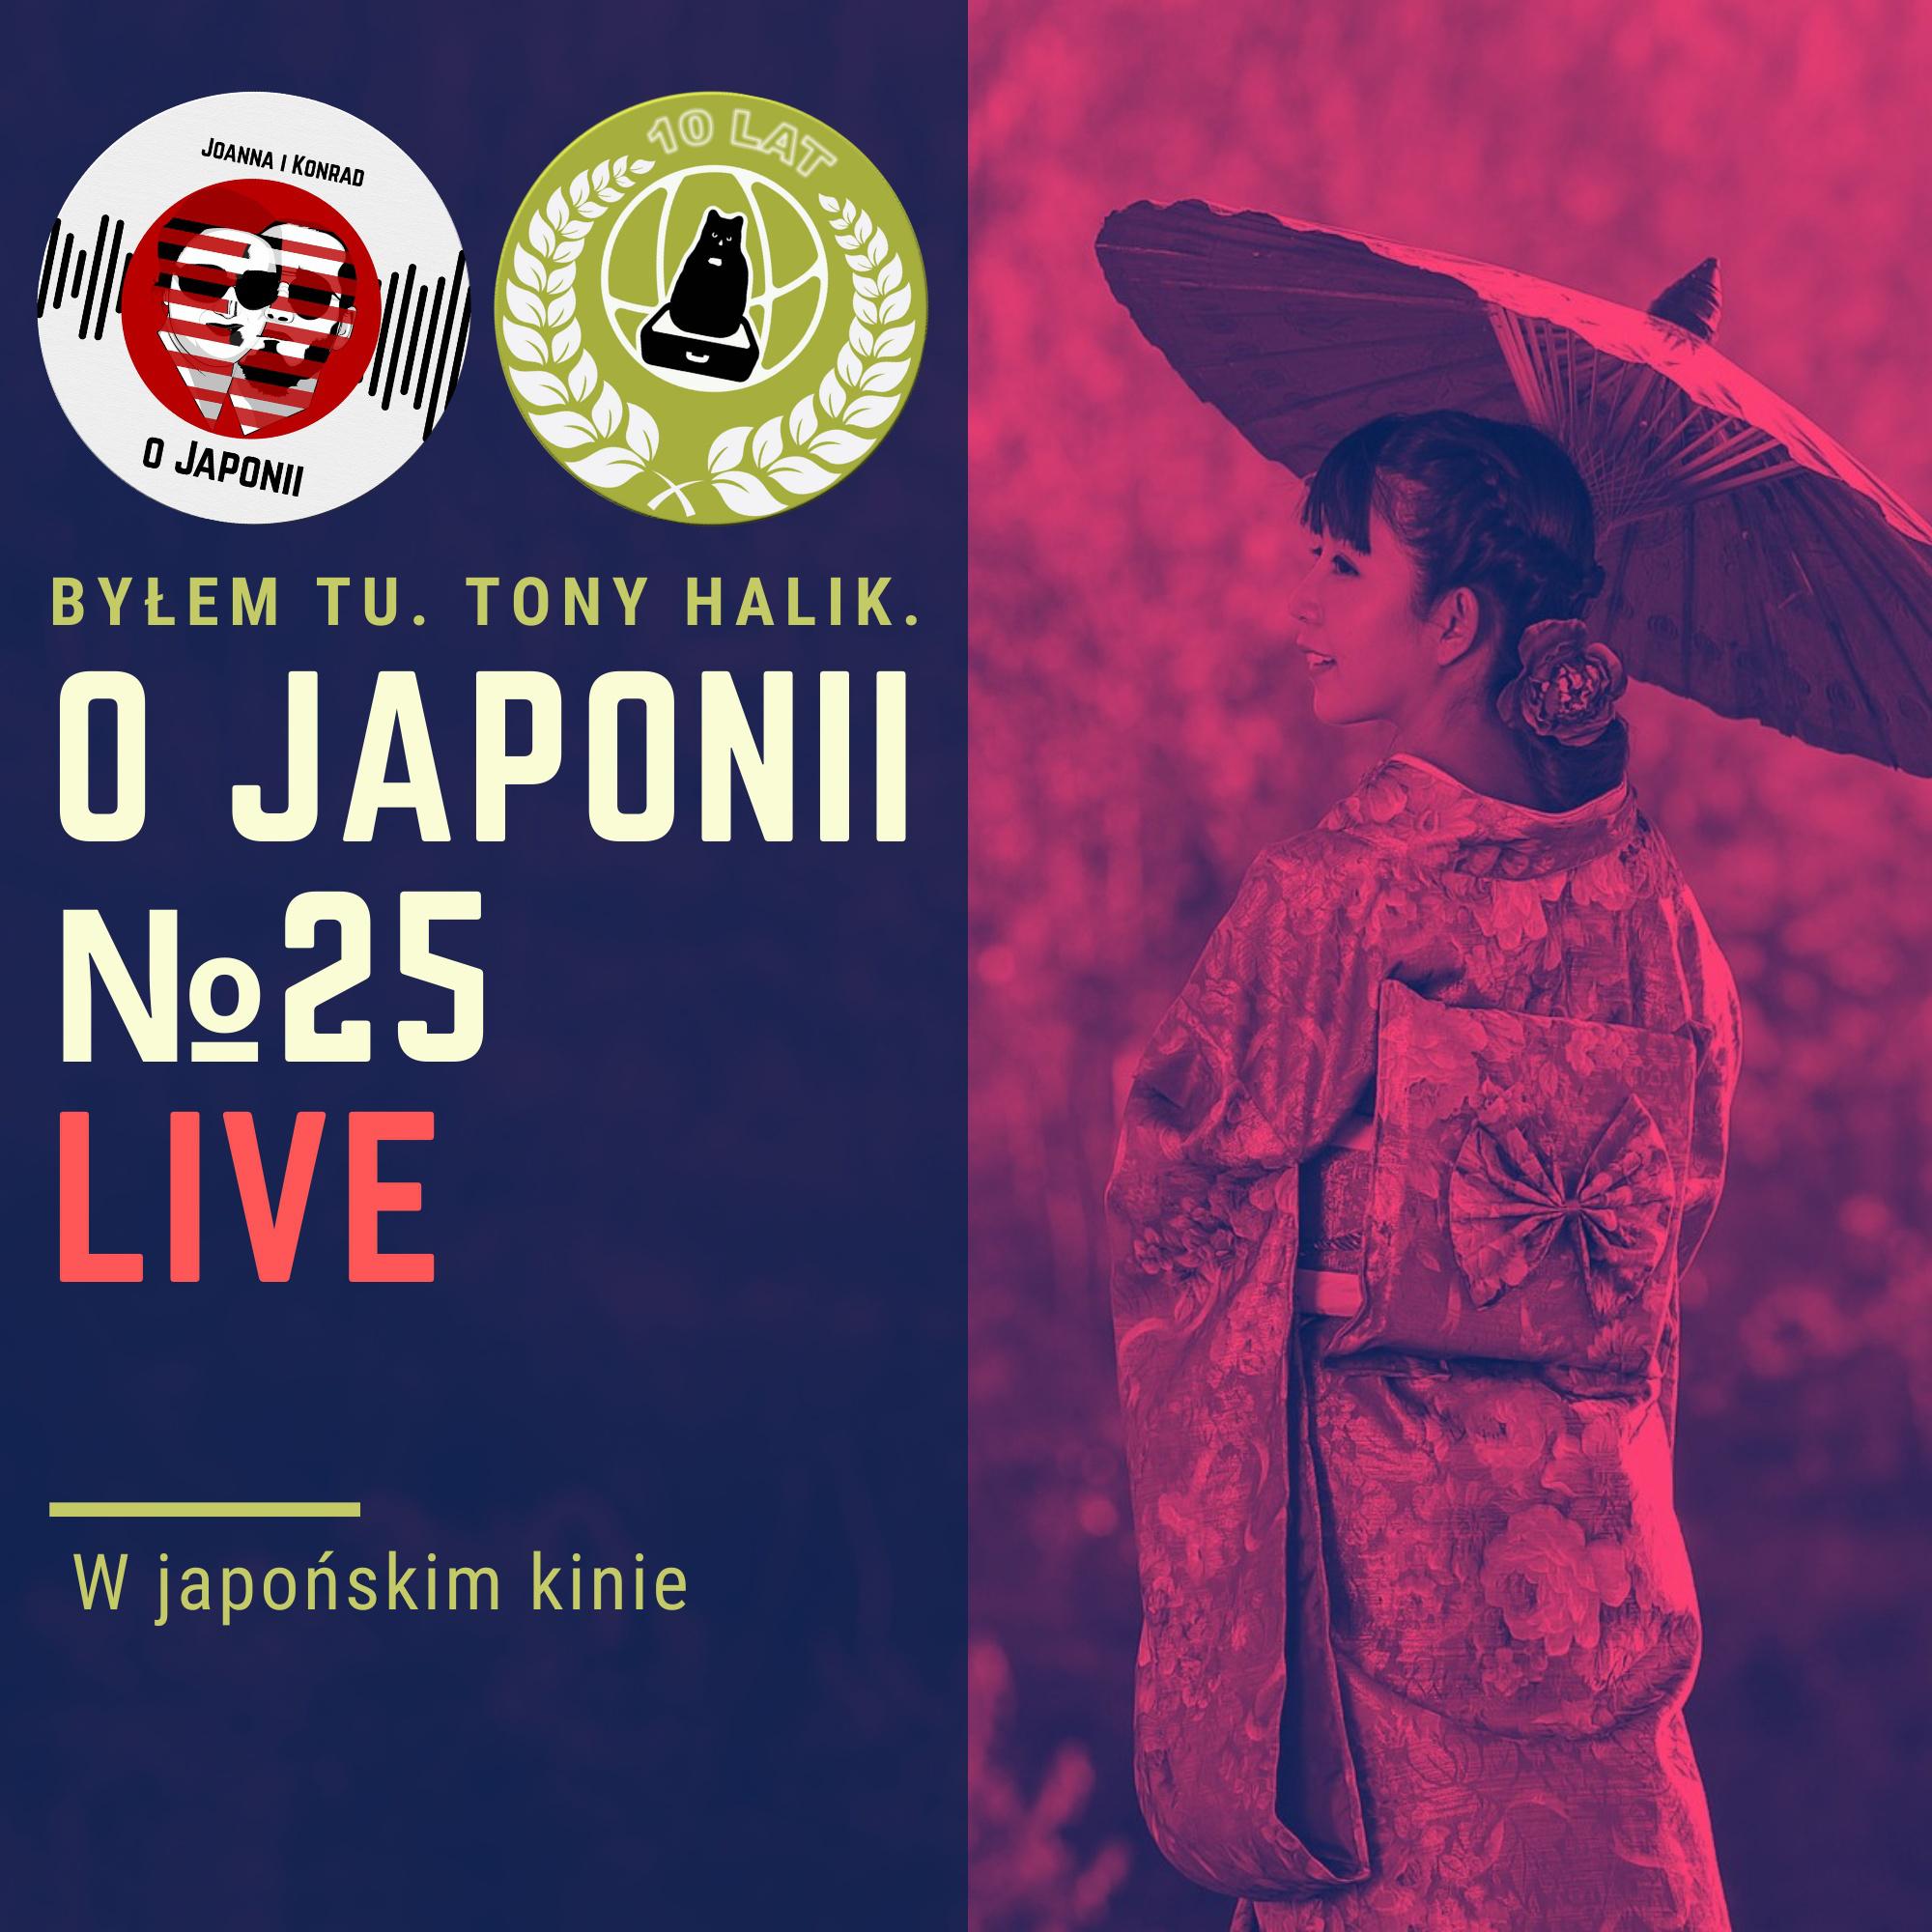 Podcast oJaponii №25 (Wjapońskim kinie)